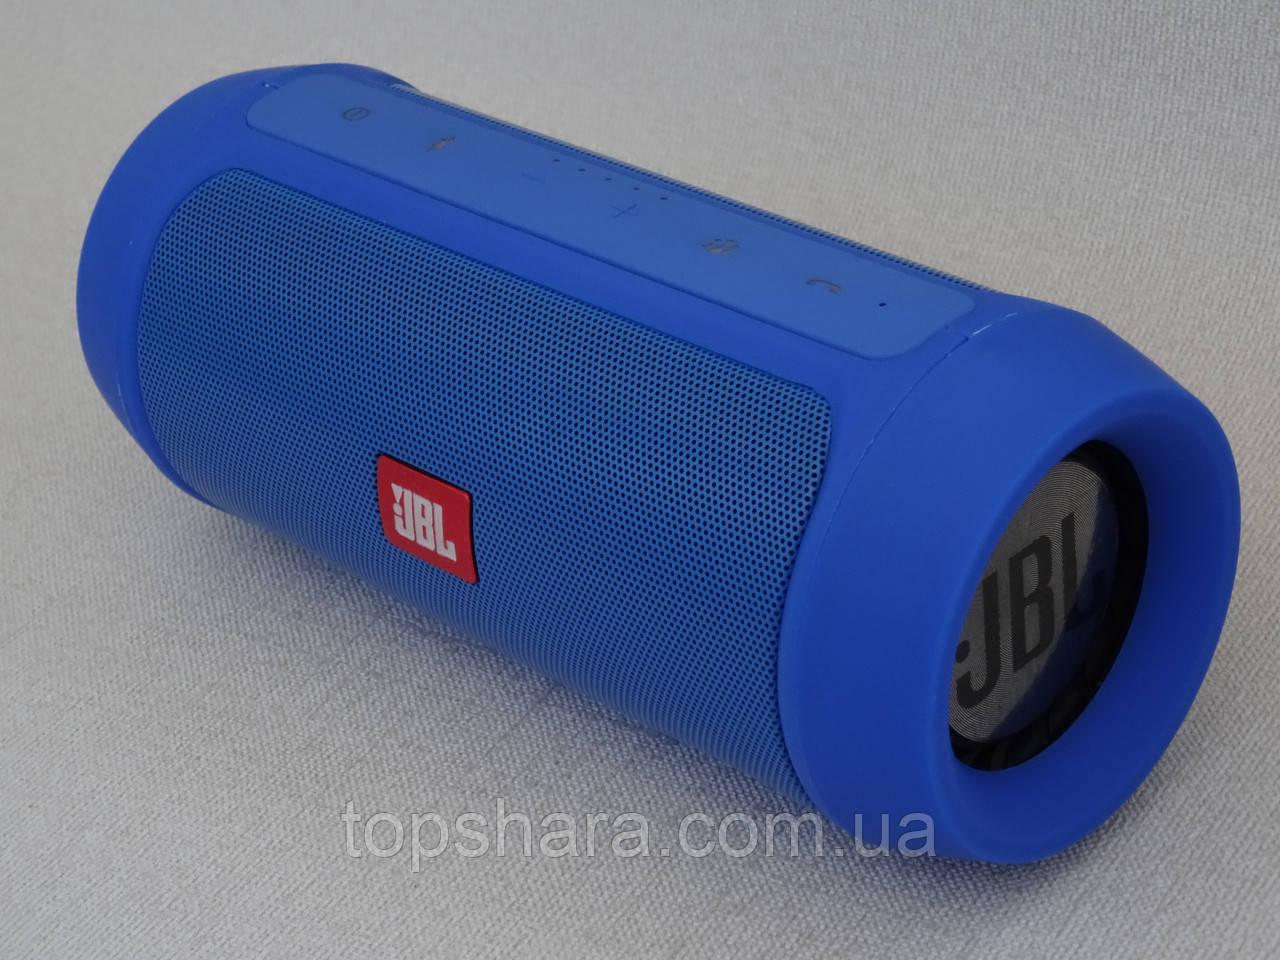 Колонка Bluetooth (блютуз) JBL Charge 2+ колір синий